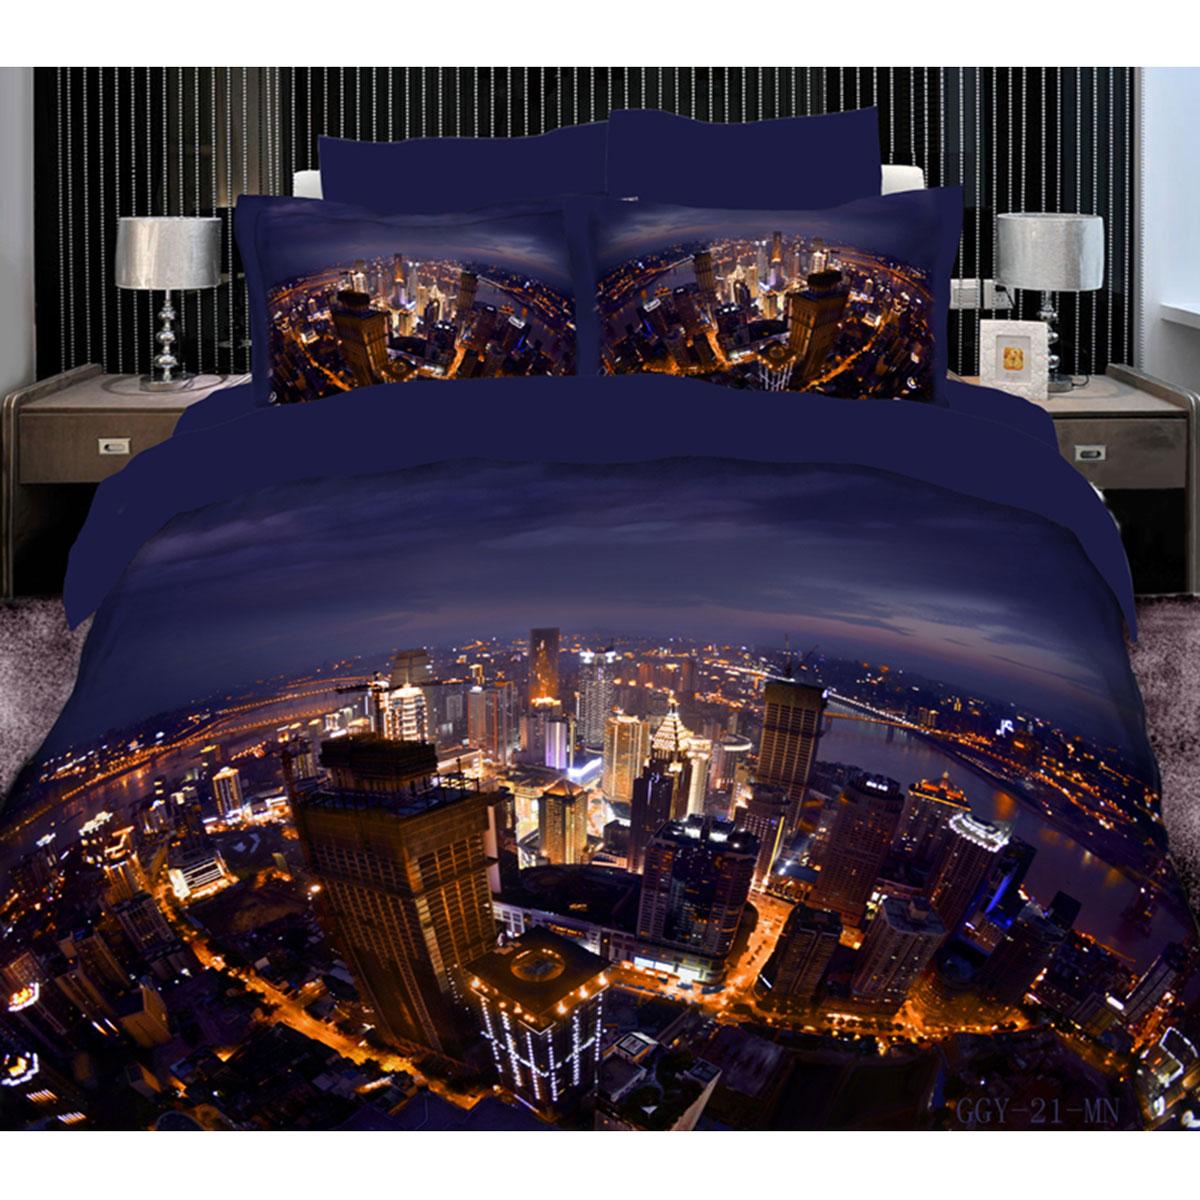 Постельное белье Коллекция Ночной город (Евро КПБ, сатин рамочный с эффектом 3D, наволочки 50х70)391602Комплект постельного белья Коллекция Ночной город, изготовленный из рамочного сатина, поможет вам расслабиться и подарит спокойный сон. Постельное белье, оформленное 3D-изображением ночного города, имеет изысканный внешний вид и обладает яркостью и сочностью цвета. Комплект состоит из пододеяльника на молнии, простыни и двух наволочек с ушами. Благодаря такому комплекту постельного белья вы сможете создать атмосферу уюта и комфорта в вашей спальне.Сатин производится из высших сортов хлопка, а своим блеском, легкостью и на ощупь напоминает шелк. Такая ткань рассчитана на 200 стирок и более. Постельное белье из сатина превращает жаркие летние ночи в прохладные и освежающие, а холодные зимние - в теплые и согревающие. Благодаря натуральному хлопку, комплект постельного белья из сатина приобретает способность пропускать воздух, давая возможность телу дышать. Одно из преимуществ материала в том, что он практически не мнется и ваша спальня всегда будет аккуратной и нарядной. Характеристики: Страна: Россия. Материал: сатин (100% хлопок). Размер упаковки: 35 см х 30 см х 8 см. В комплект входят: Пододеяльник - 1 шт. Размер: 200 см х 220 см. Простыня - 1 шт. Размер: 240 см х 240 см. Наволочка с ушами - 2 шт. Размер: 50 см х 70 см. Высокие свойства белья торговой марки Коллекция основаны на умелом использовании вековых традиций и современных технологий производства и обработки тканей. Качество исходных материалов, внимание к деталям отделки, отличный пошив, воплощение новейших тенденций мировой моды позволяют постельному белью гармонично влиться в современное жизненное пространство и подарить ощущения удовольствия и комфорта. УВАЖАЕМЫЕ КЛИЕНТЫ! Обращаем ваше внимание, на тот факт, что изображенный на фотографии комплект постельного белья служит для демонстрации целого комплекта. Производитель оставляет за собой право без предупреждения изменять расцветку наволочек (они могут